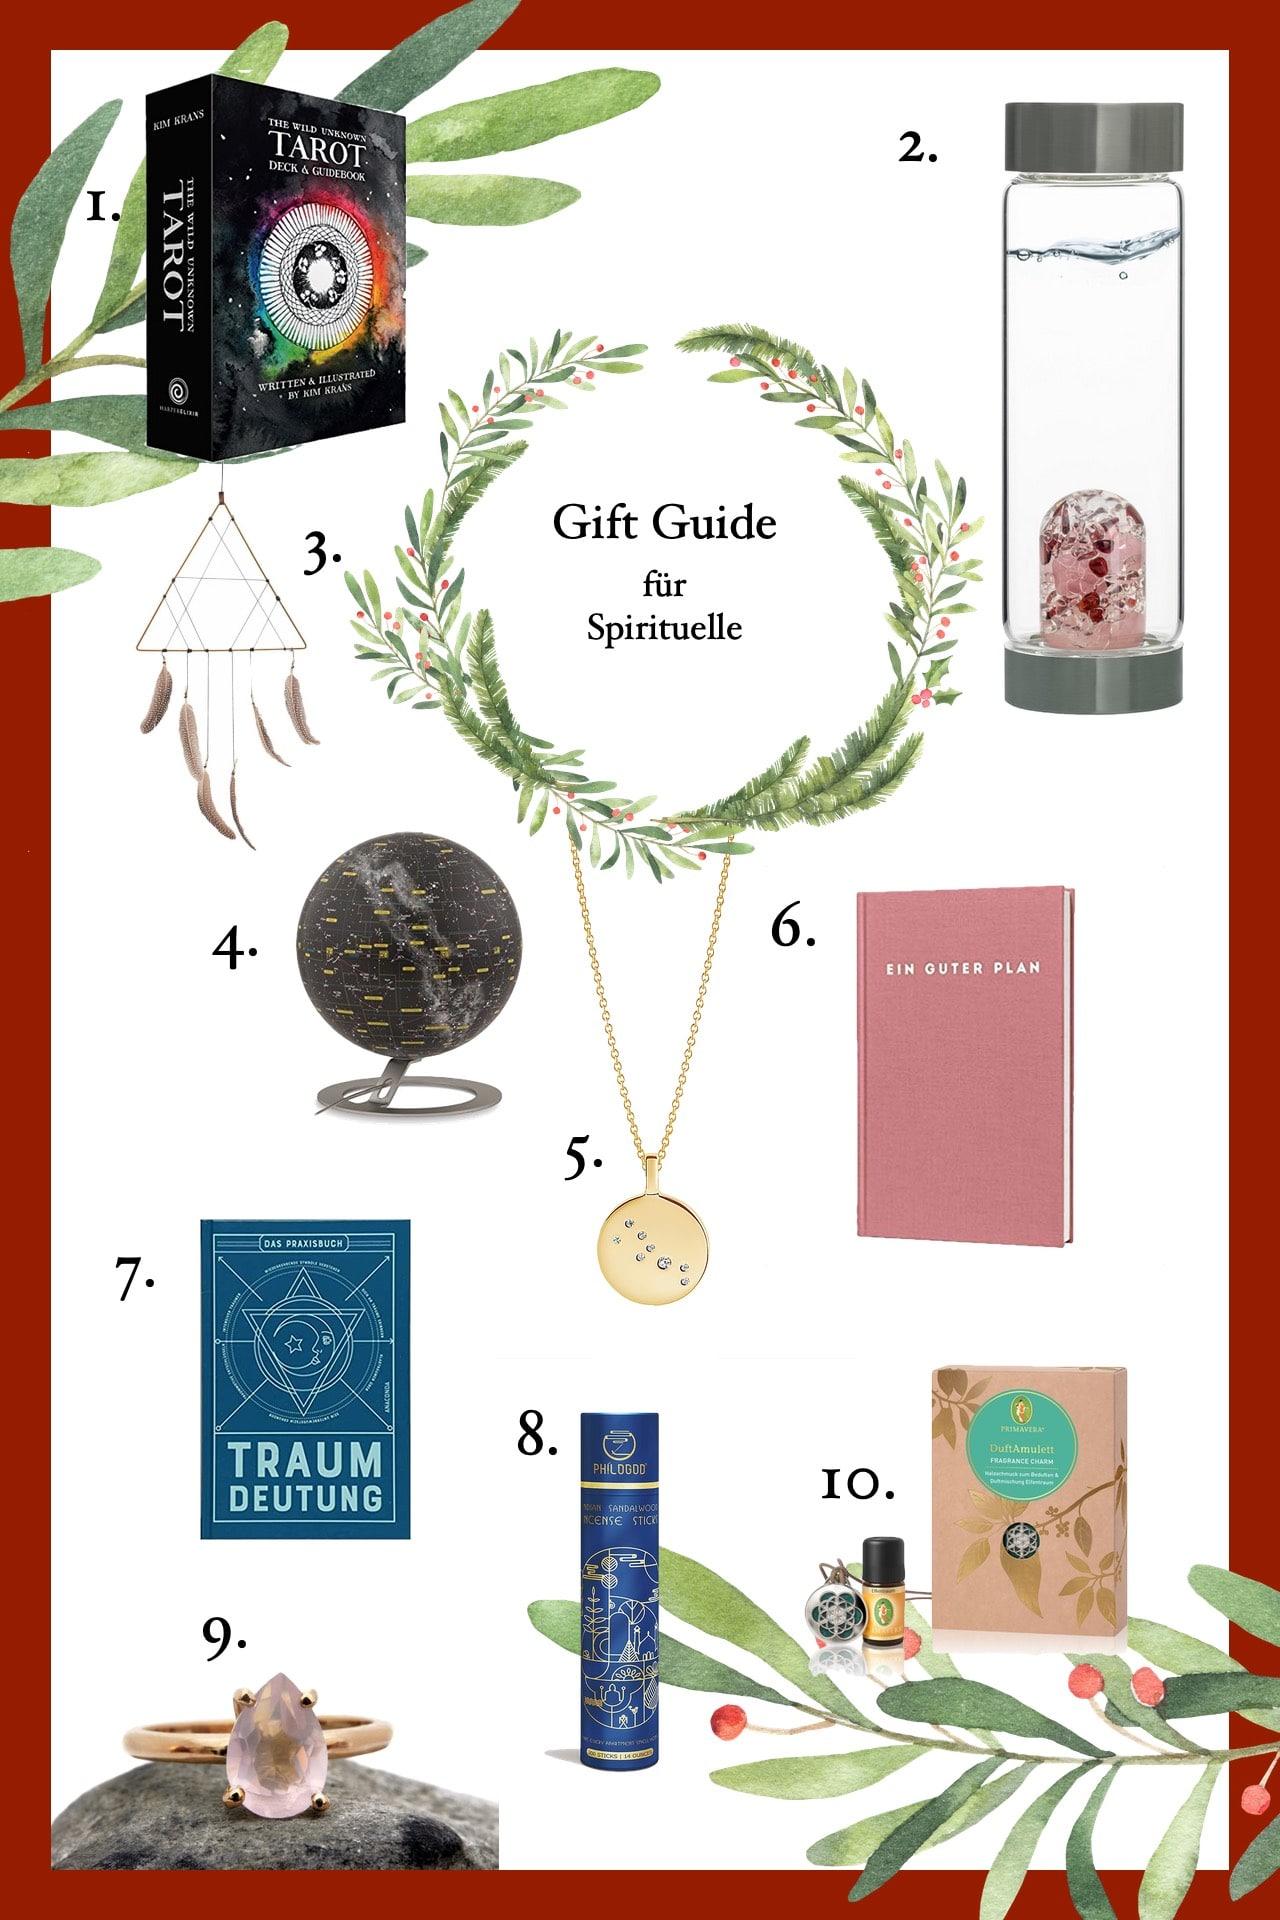 Weihnachtsgeschenkideen für Yogis & Spirituelle